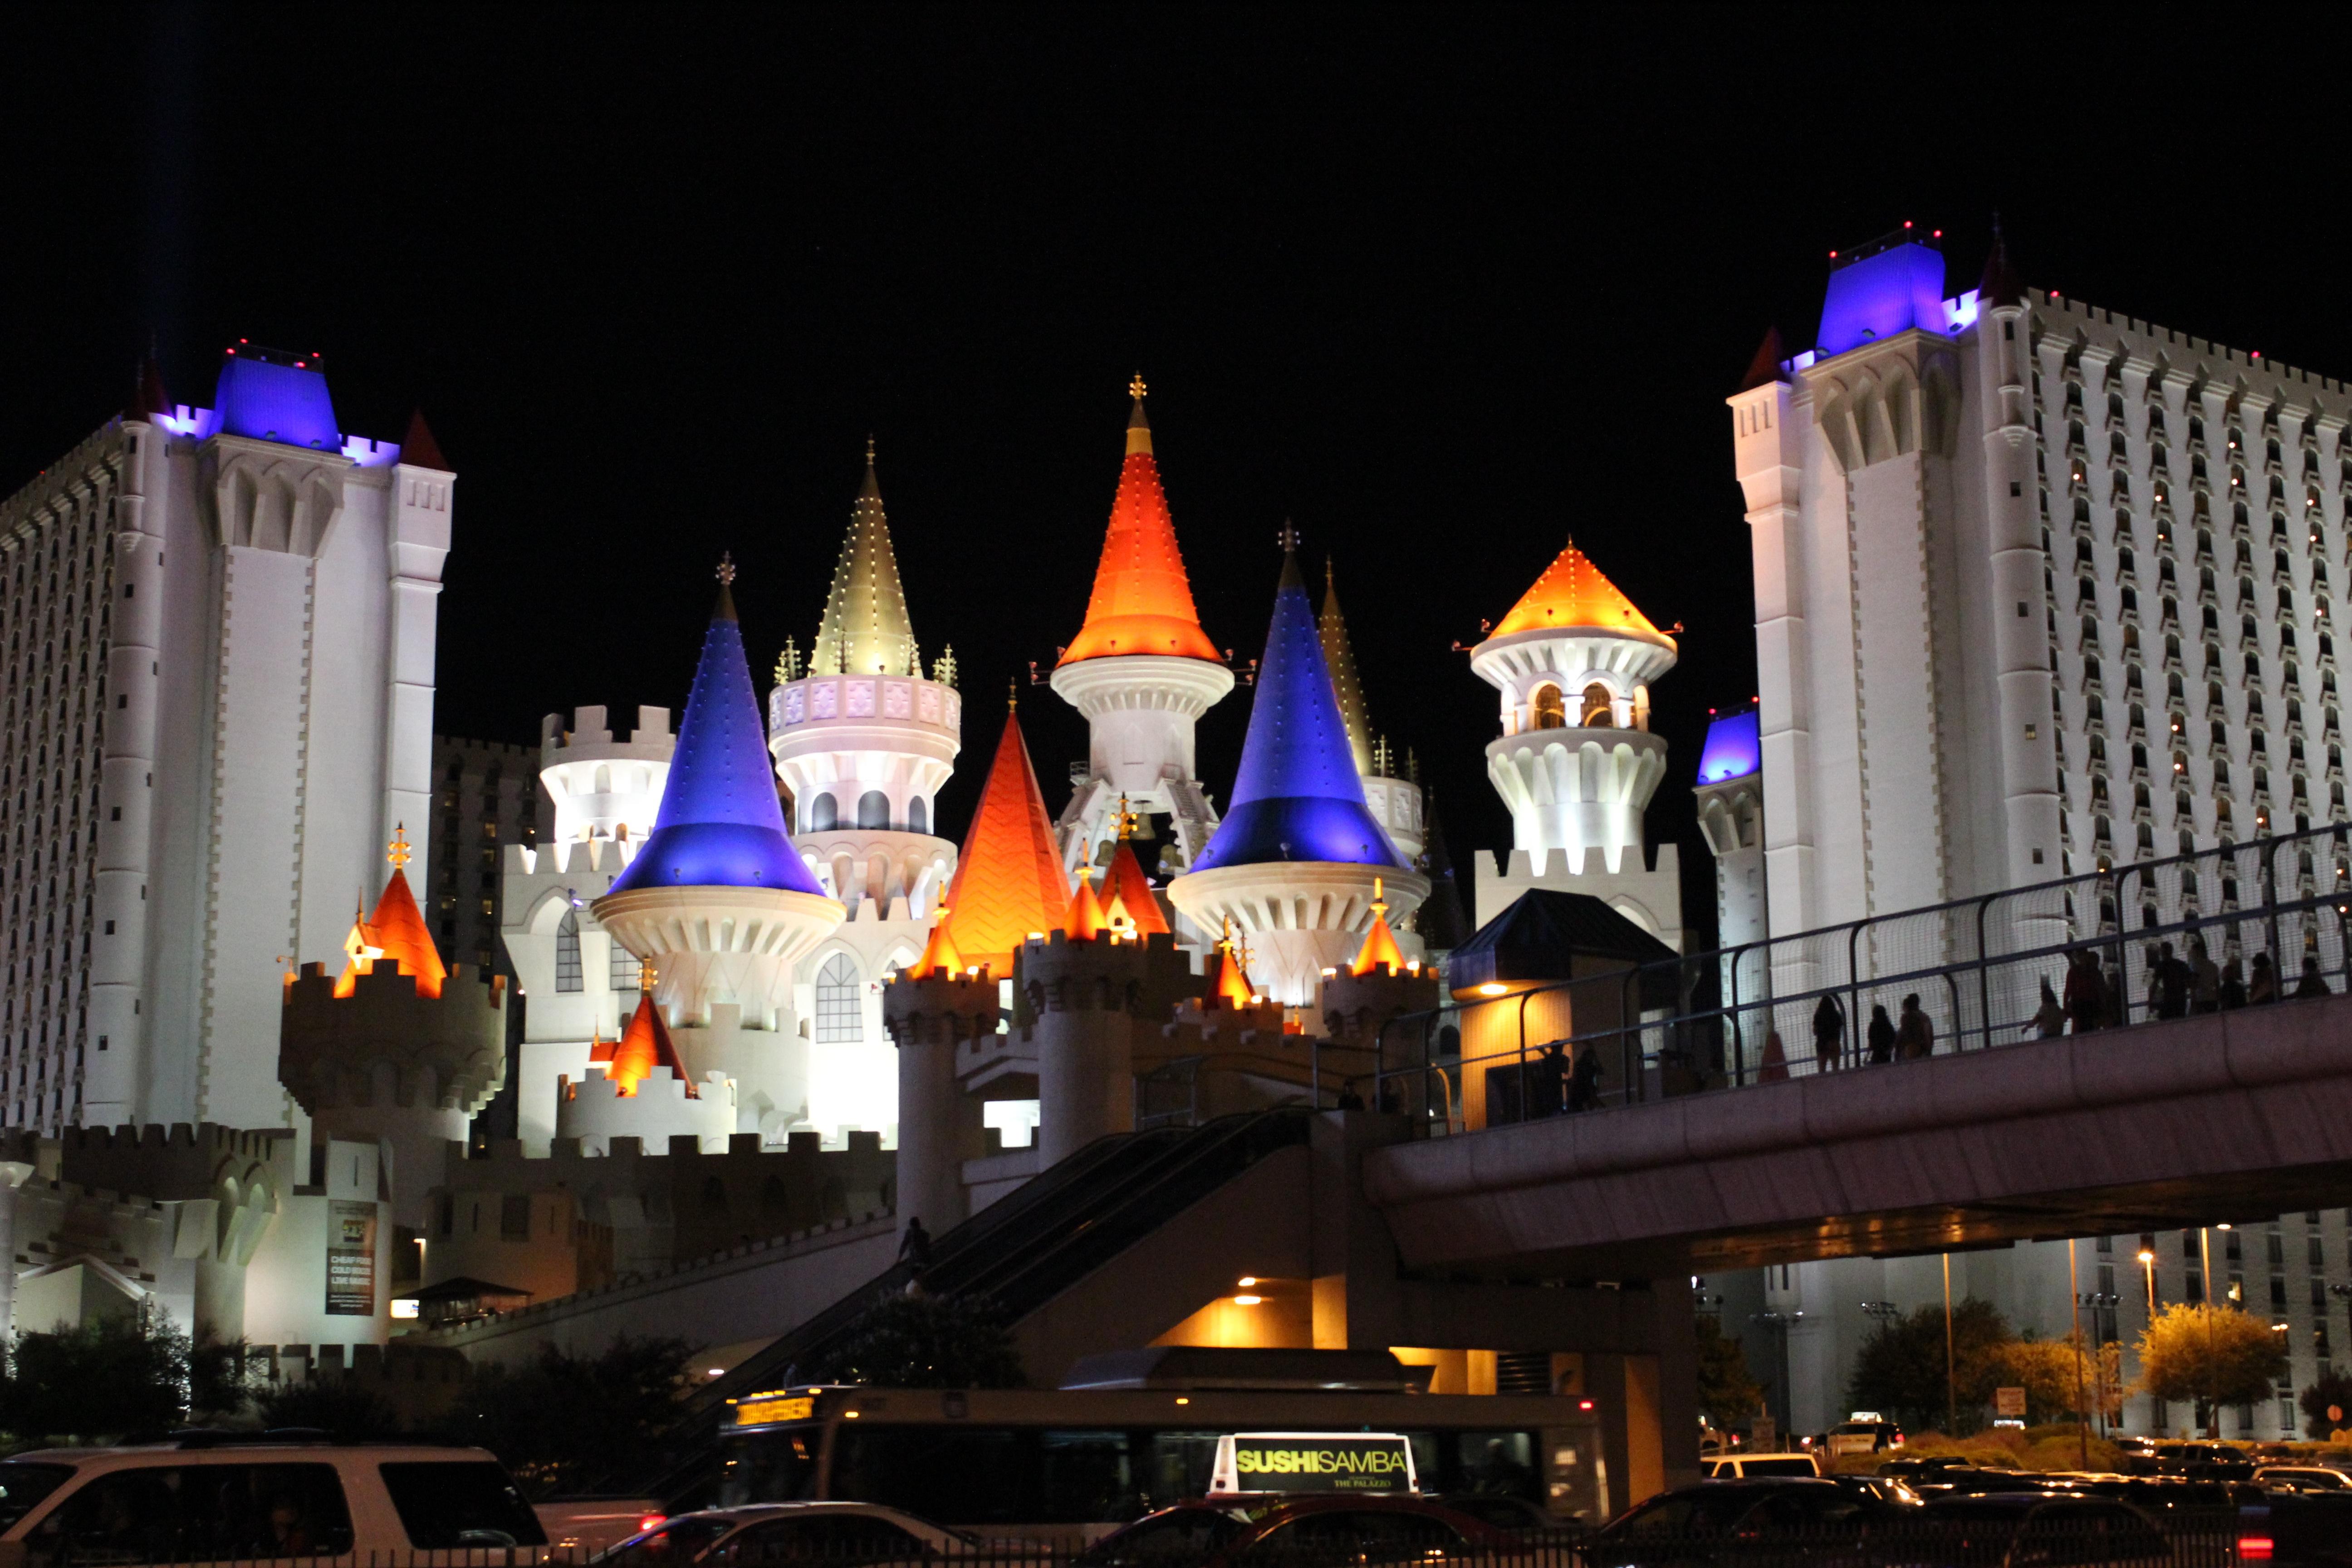 Metropolis gambling casino online gambling warcaby